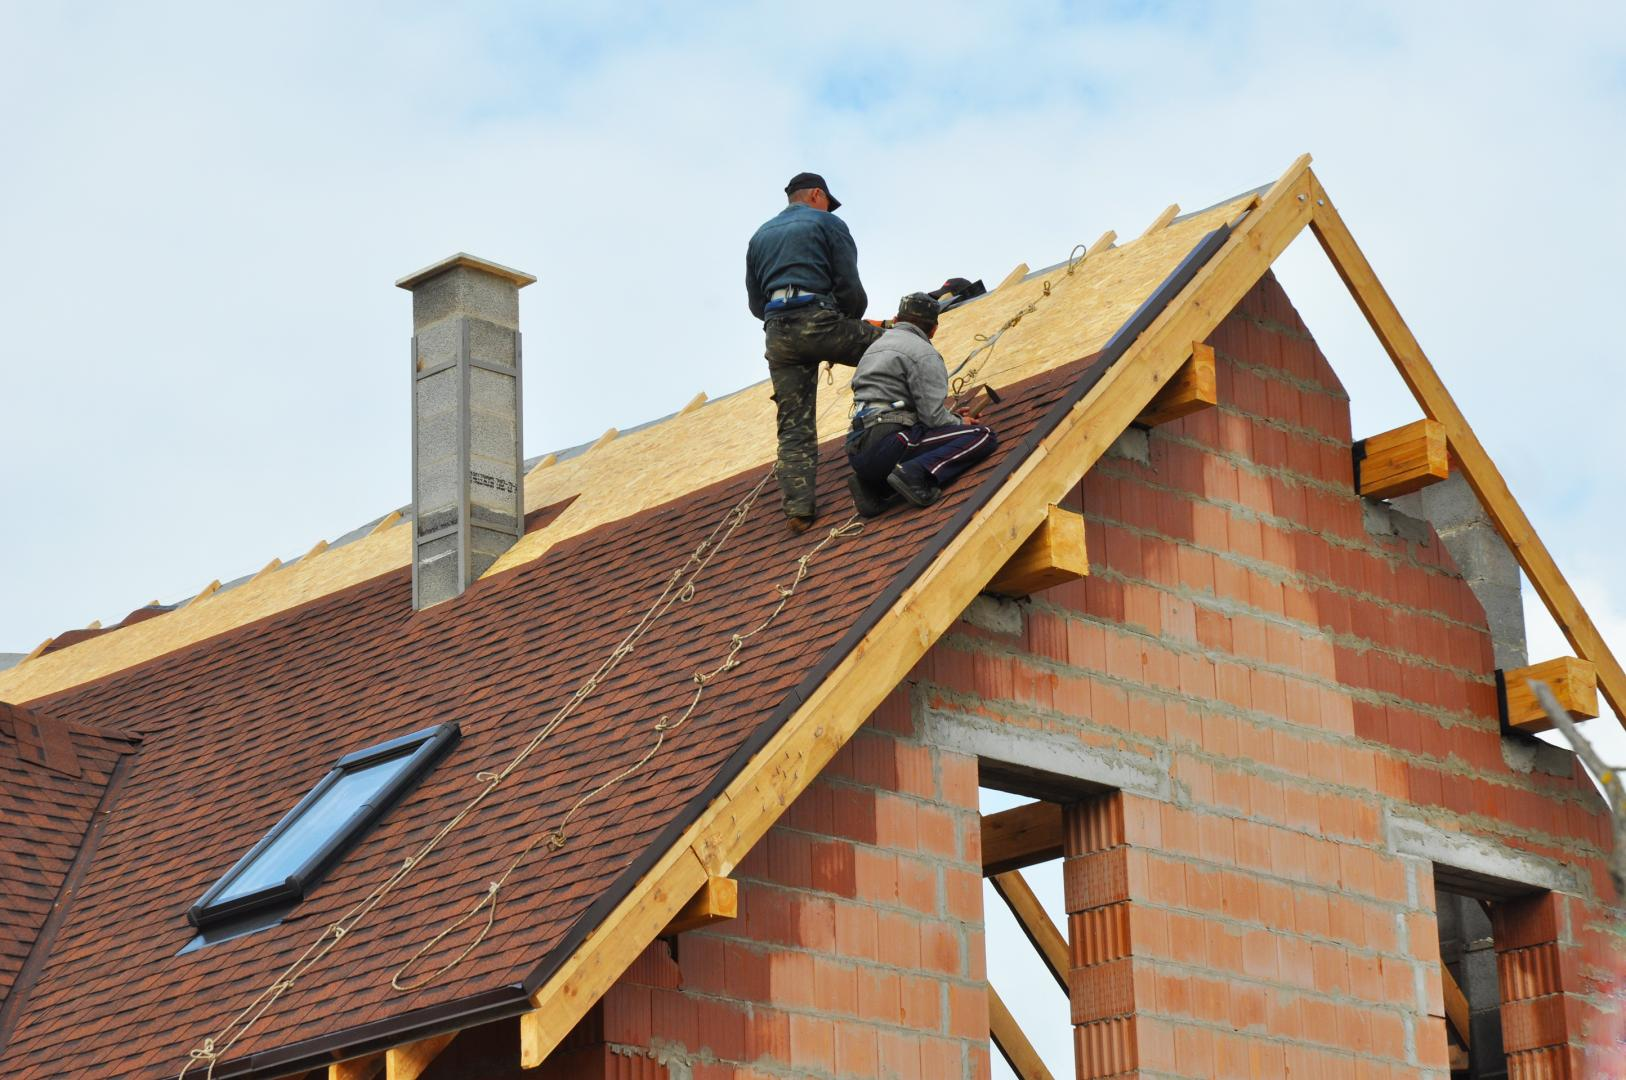 Comment bien choisir son constructeur immobilier bricolo for Constructeur immobilier